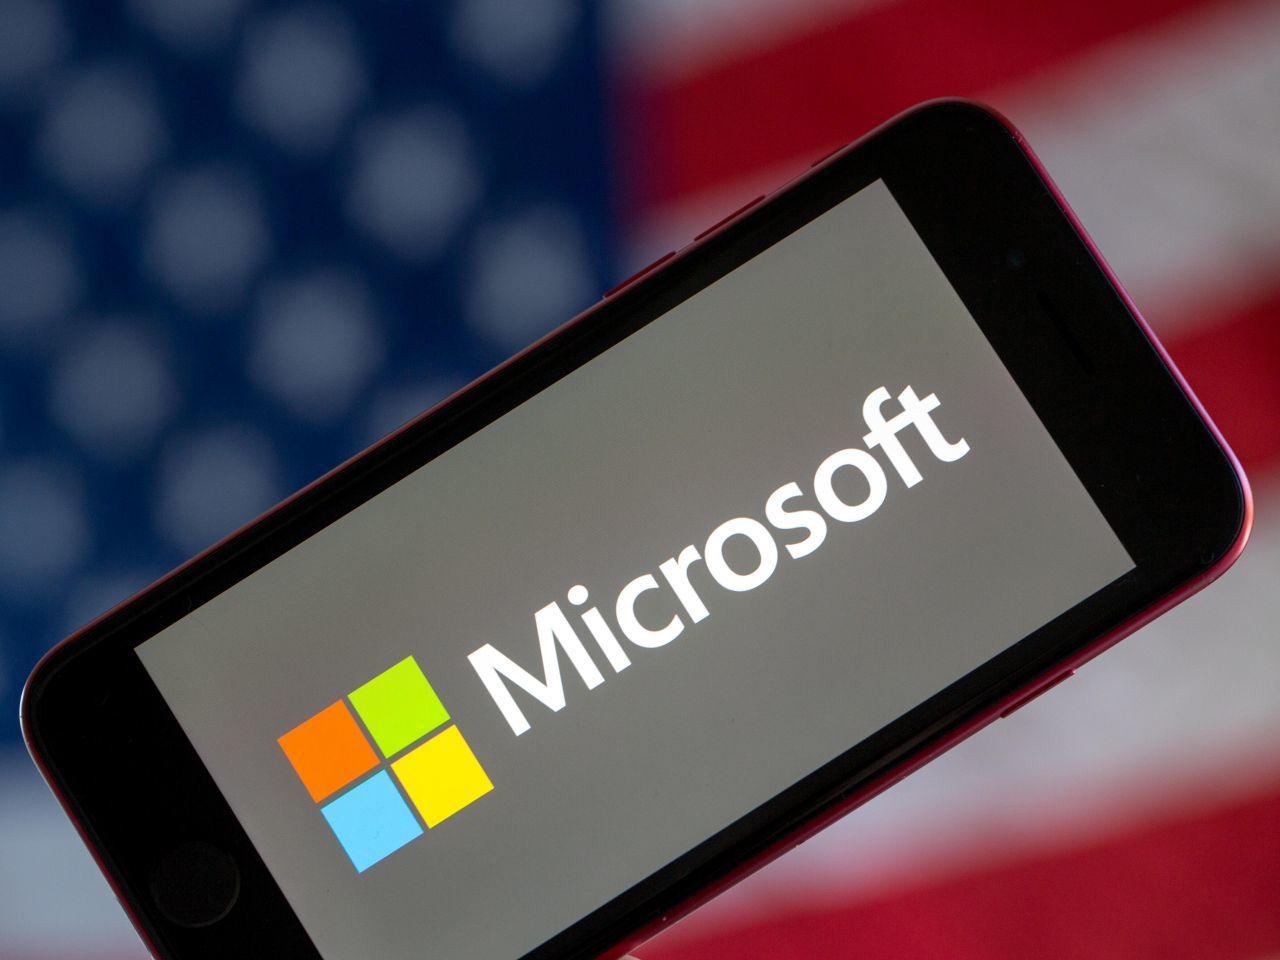 マイクロソフト、デジタル技能学習コンテンツを無料提供–コロナ失業者を就業支援